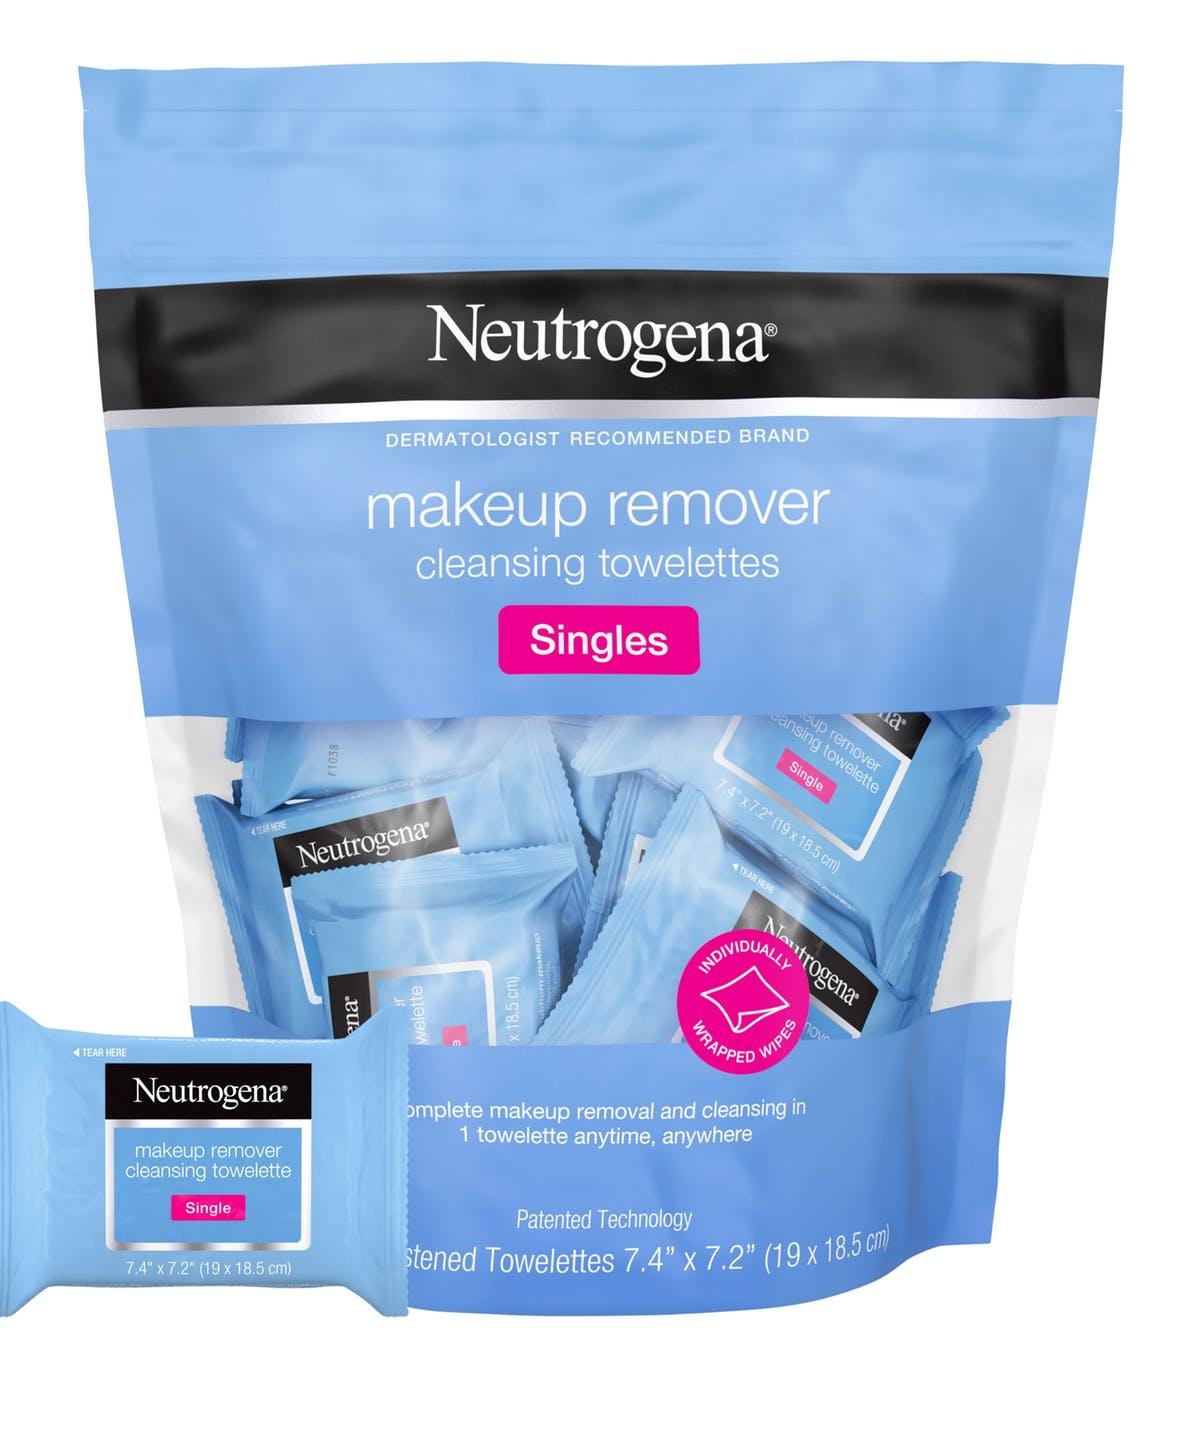 Nove Neutrogena maramice za skidanje šminke koje su nas impresionirale